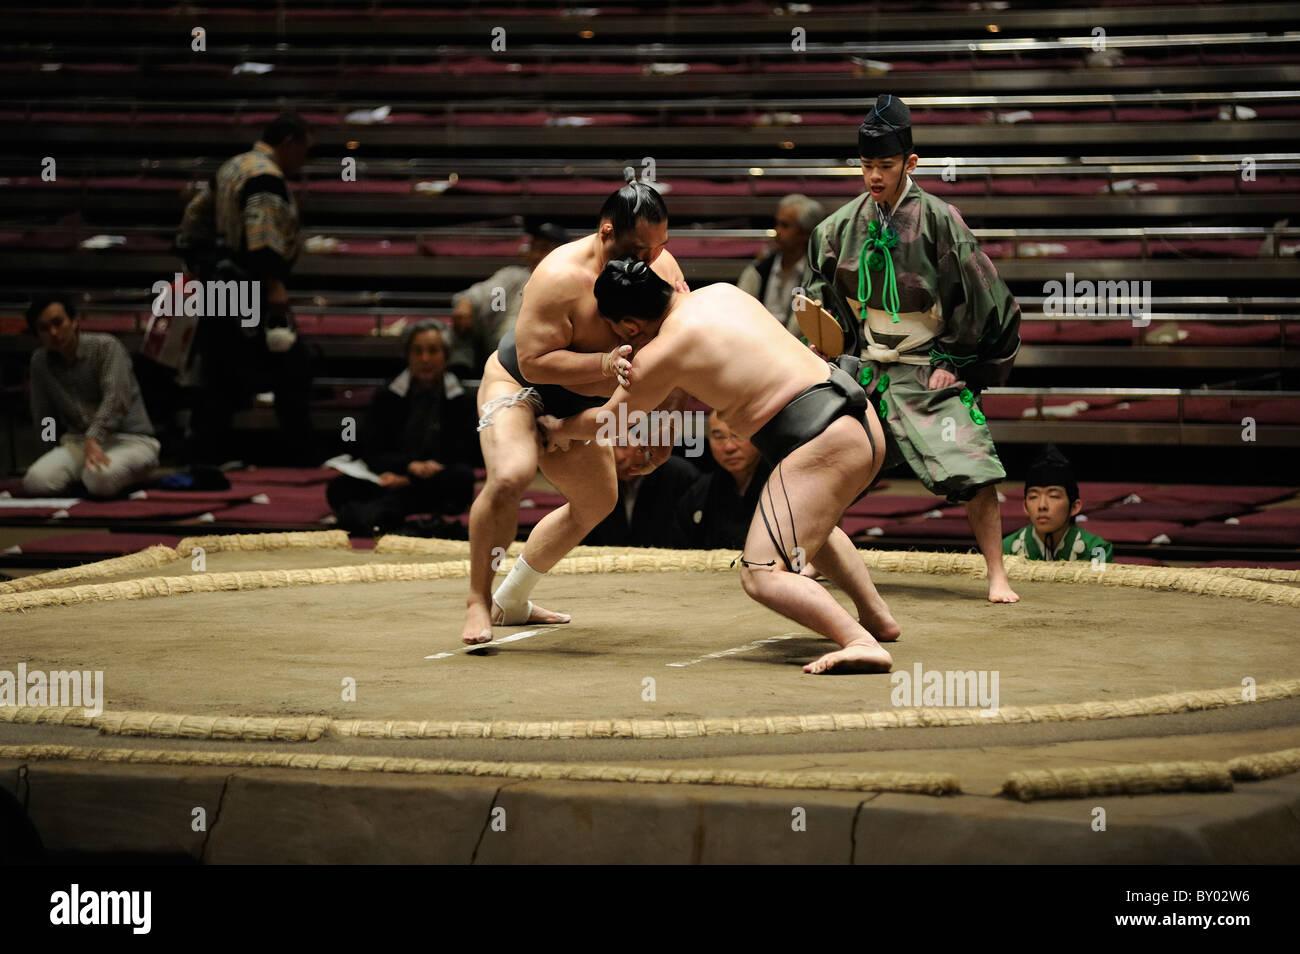 Lottatore di Sumo attaccare gli avversari, cavallo Grandi Campionati di Sumo maggio 2010, Ryogoku Kokugikan, Tokyo, Immagini Stock